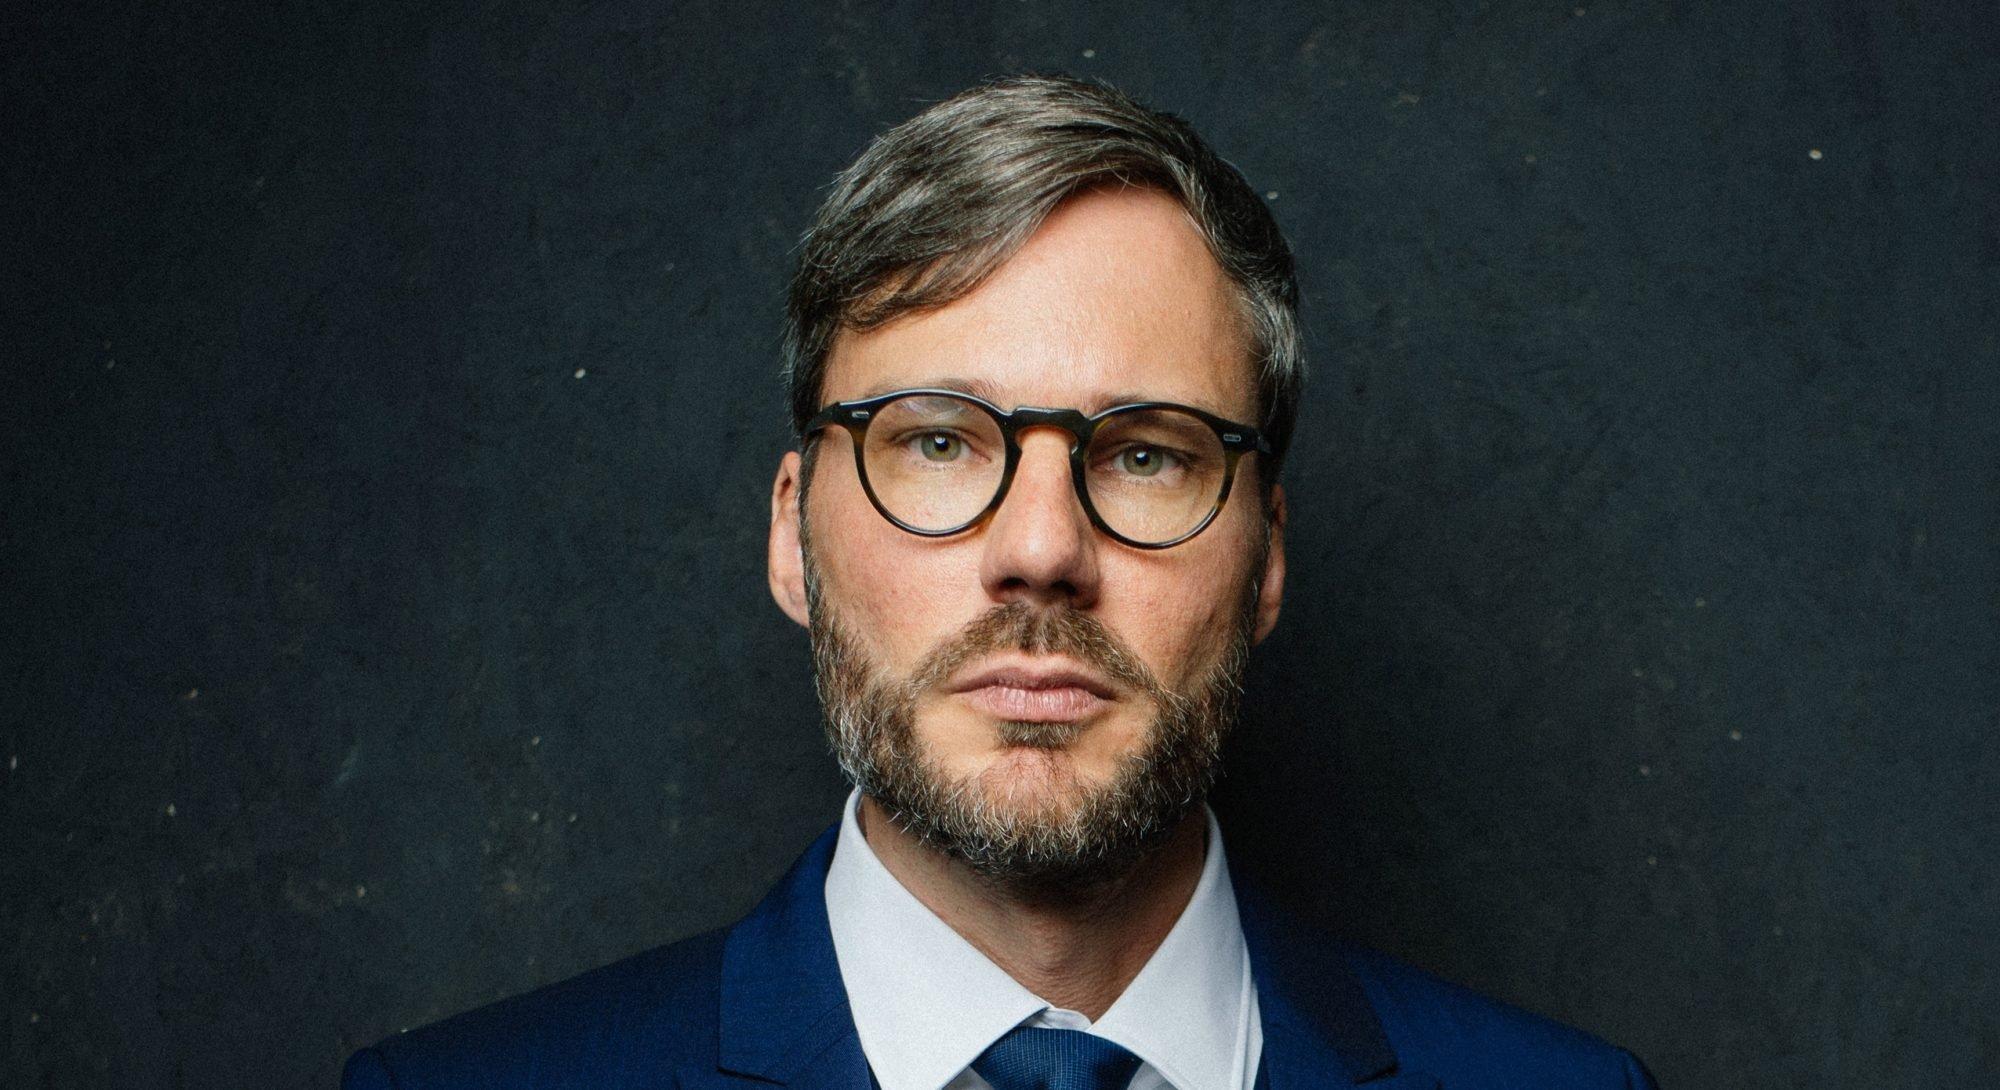 Strafverteidiger Dr. Jesko Baumhöfener